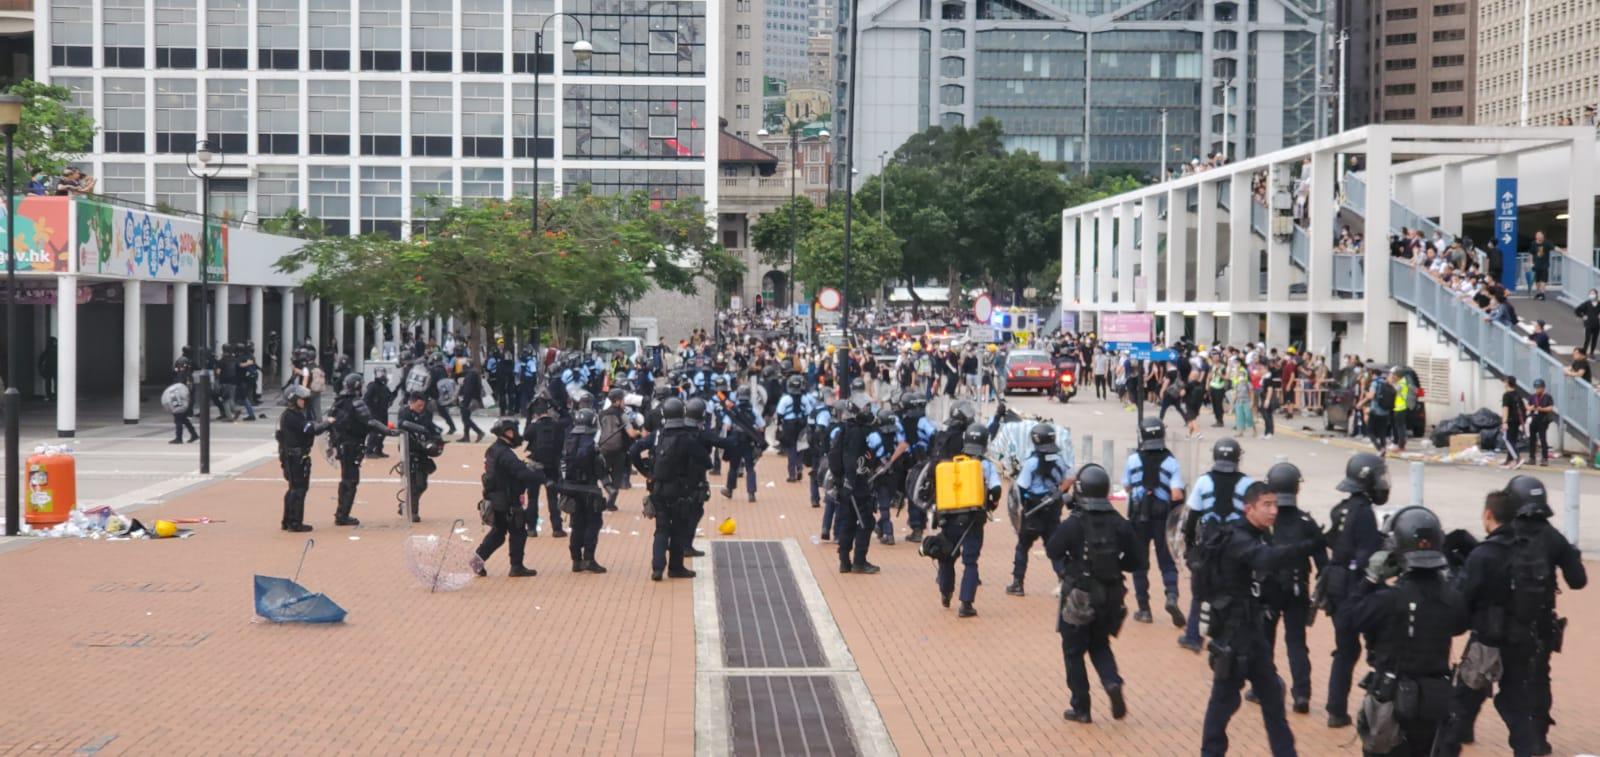 事發於周三的反修例警民衝突中。